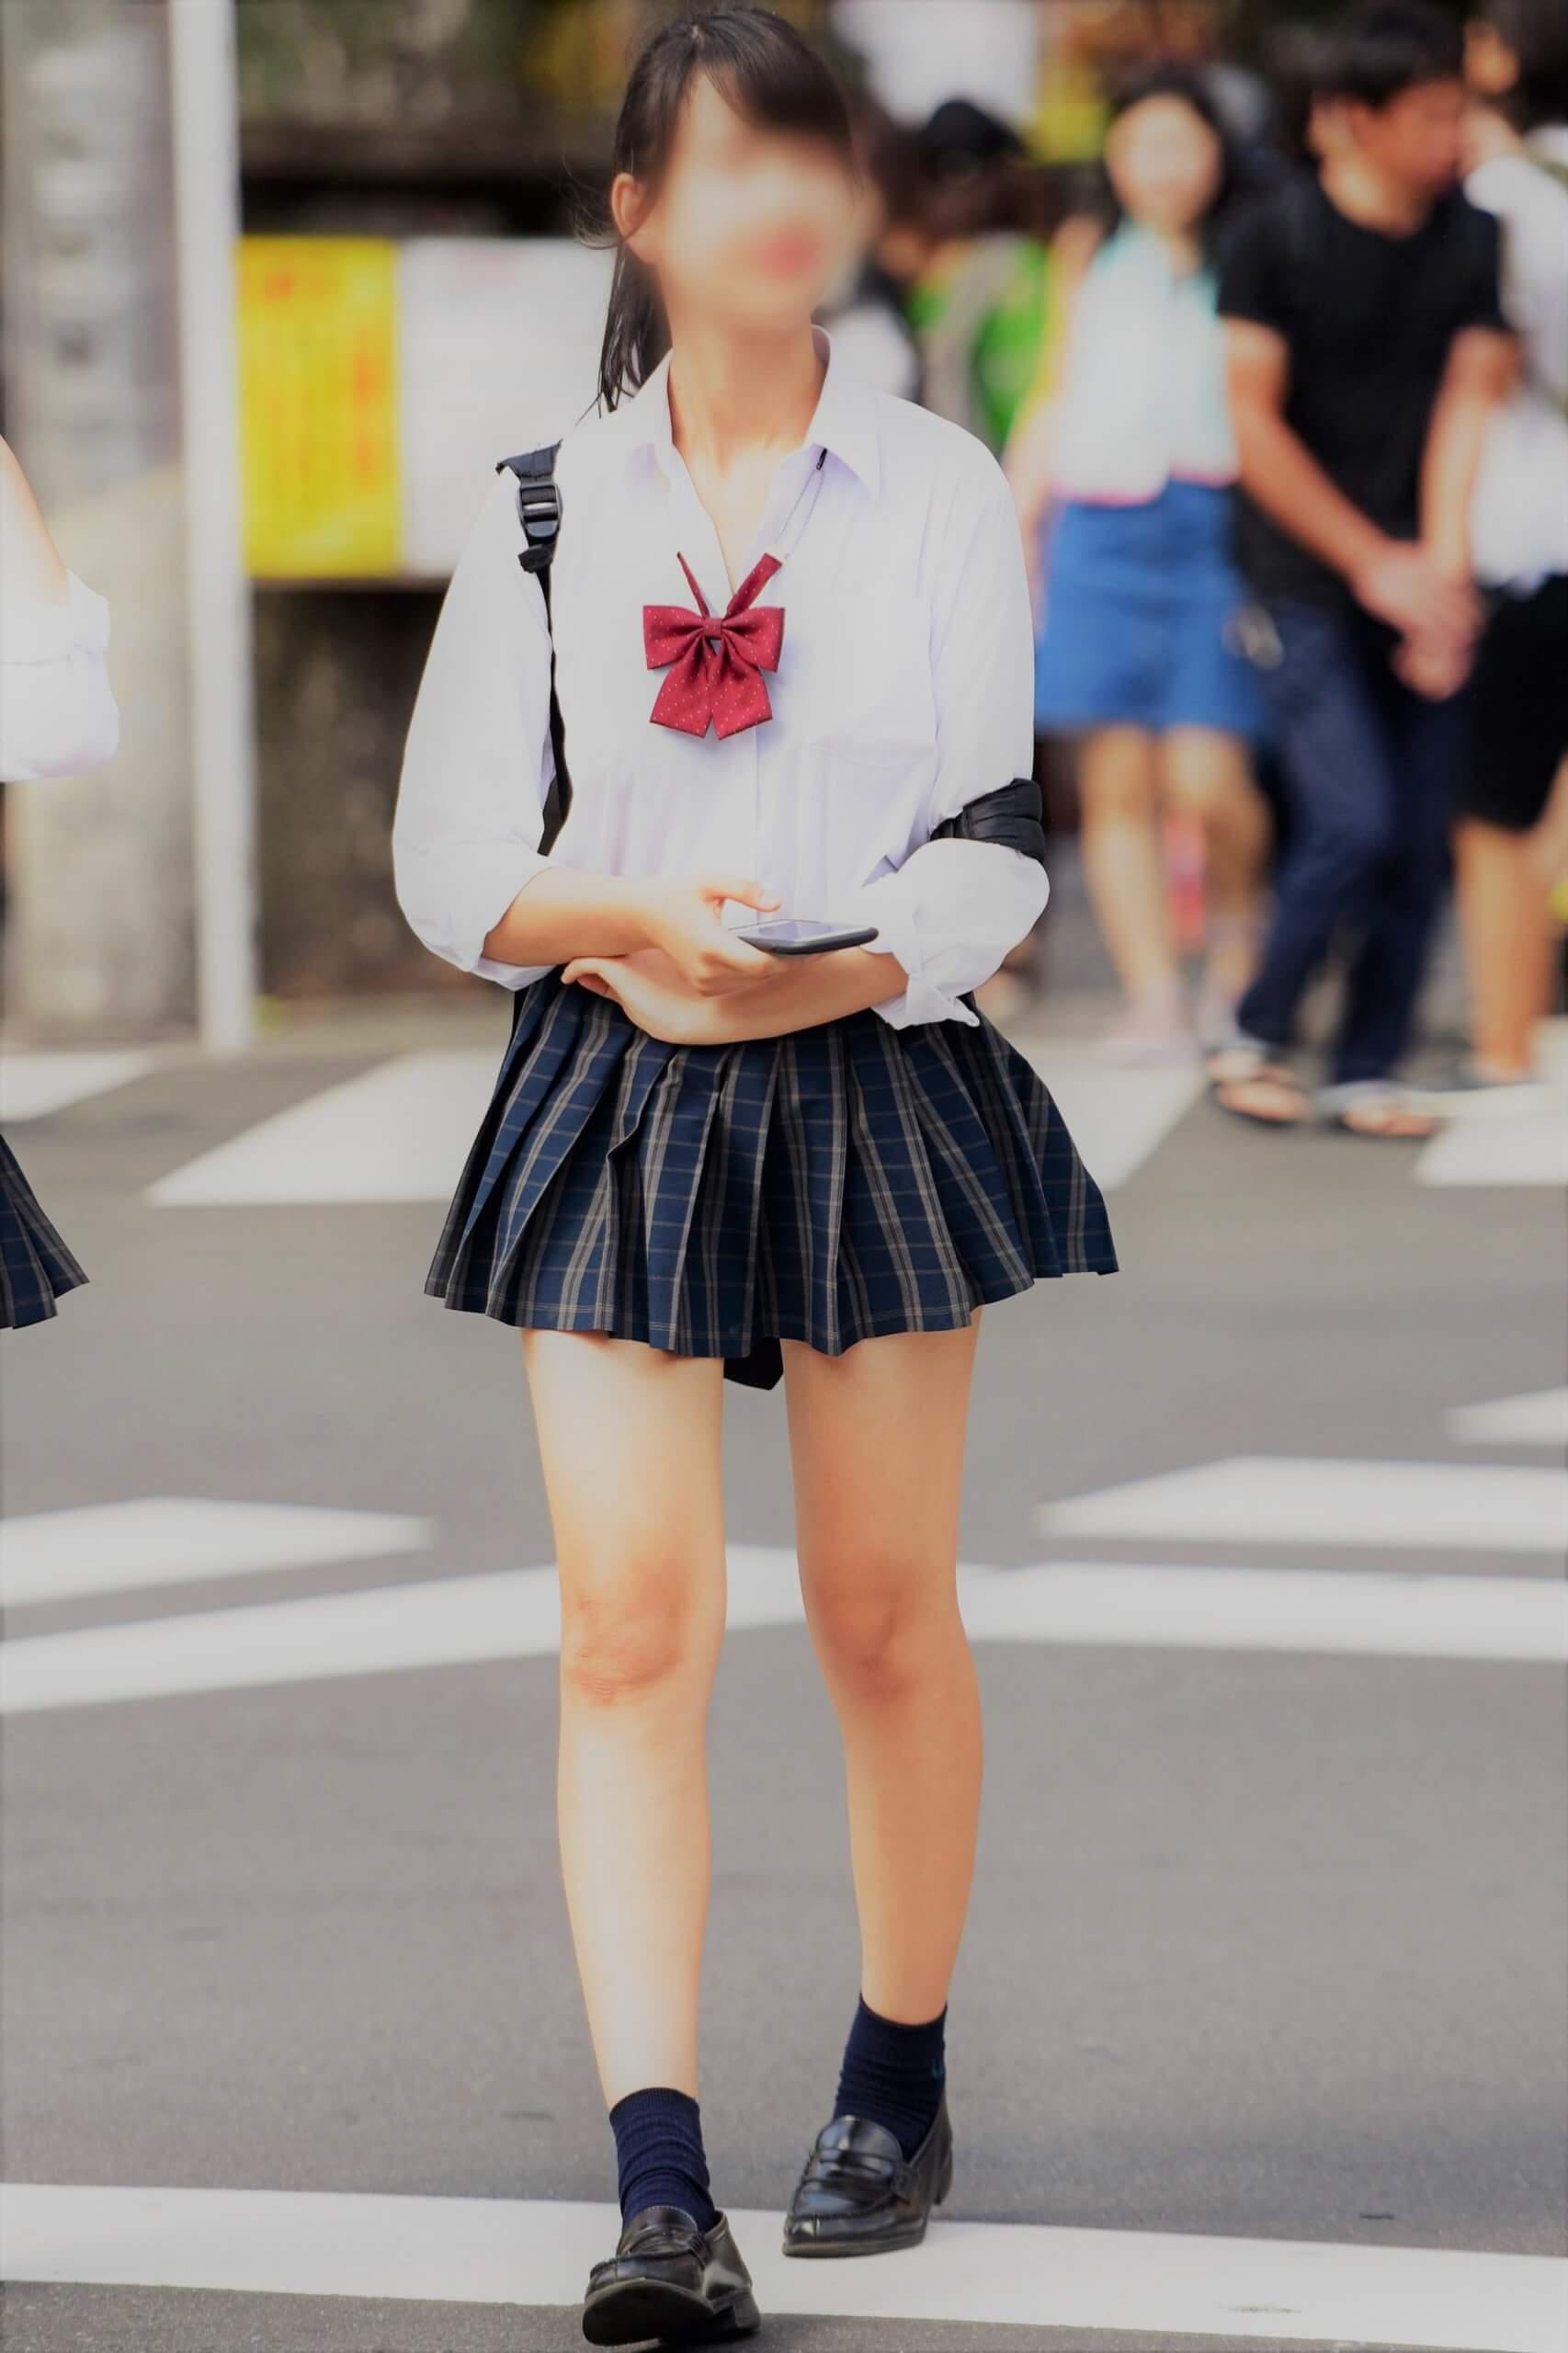 【画像】今夜のおかずに女子高生の待撮り写真をどうぞ